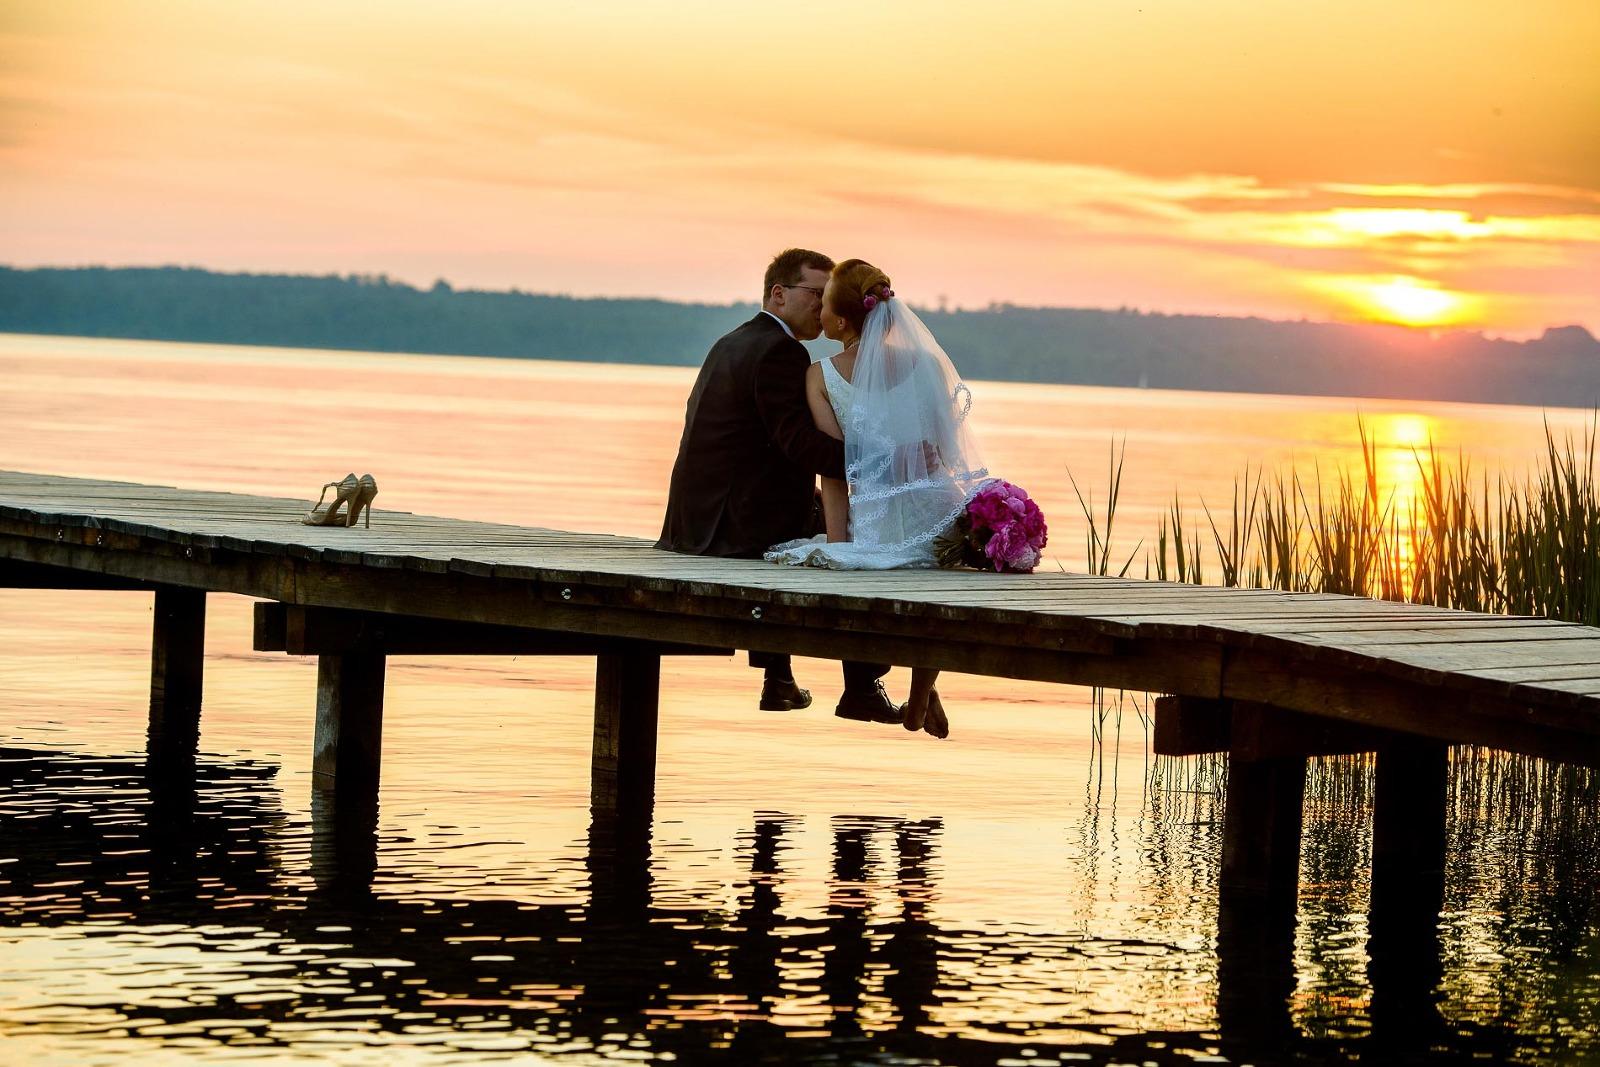 Hochzeitsfotograf Starnberger See, am Steg bei Sonnenuntergang